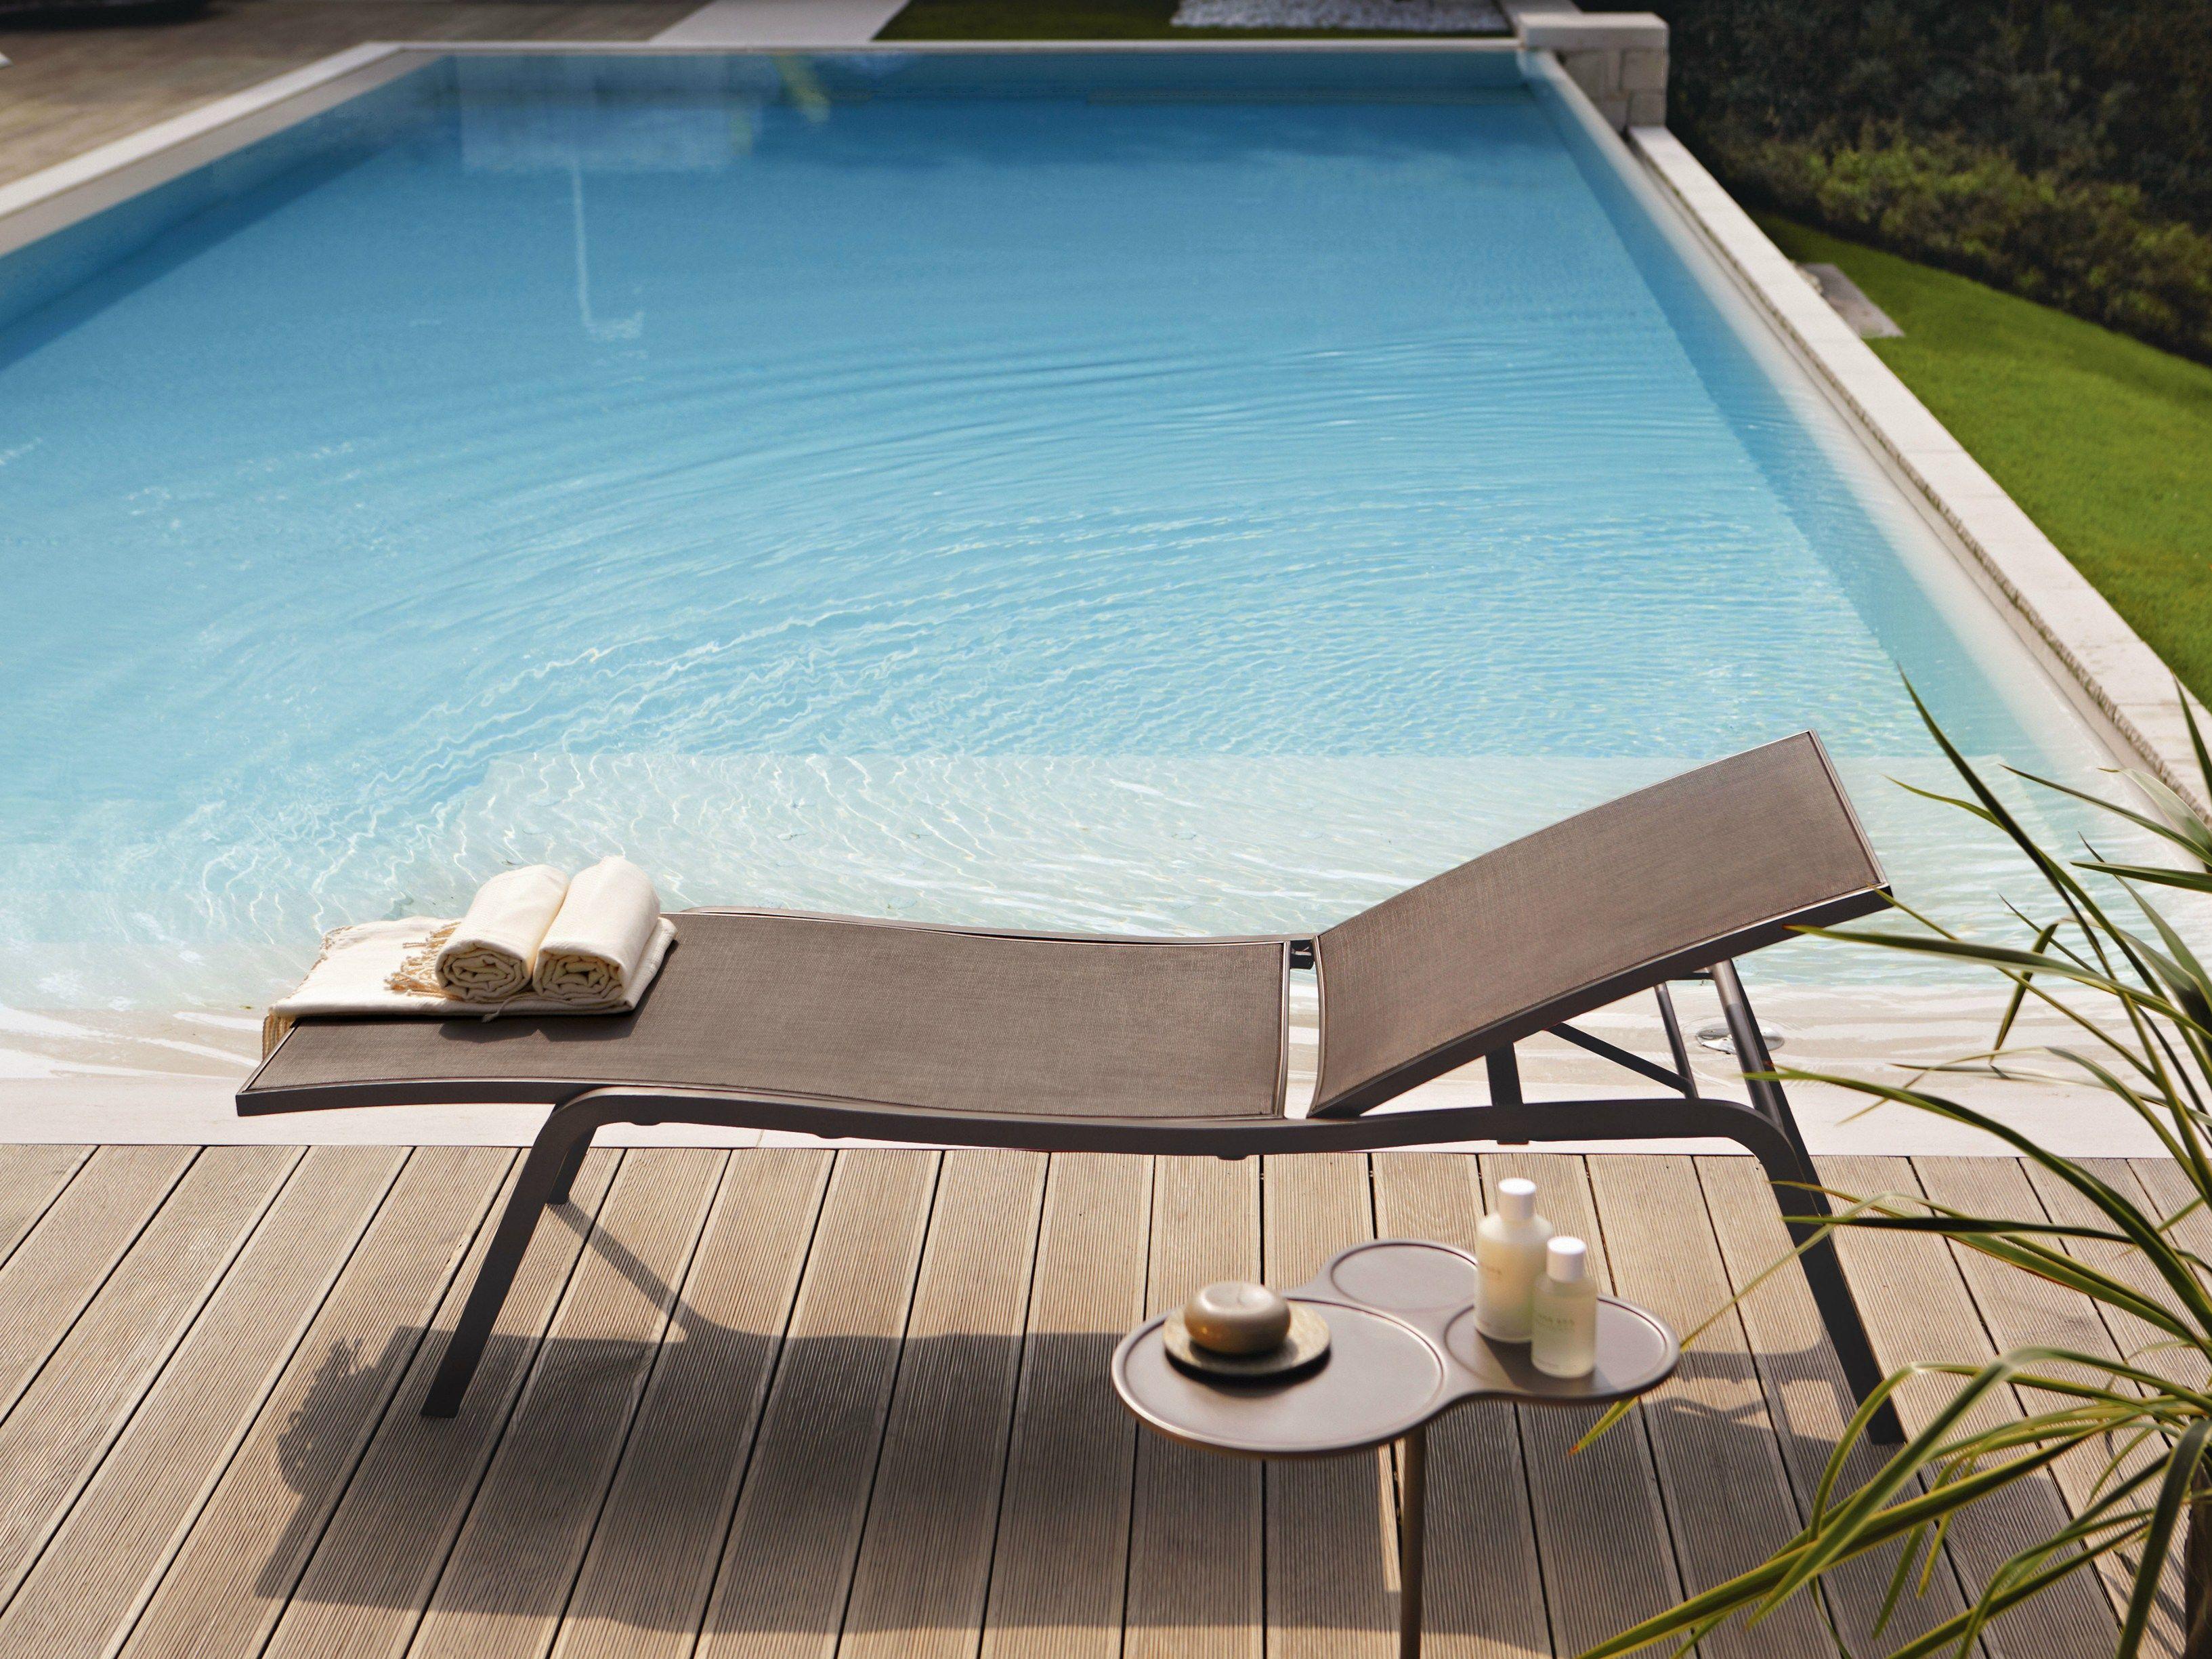 Lettino da giardino impilabile reclinabile collezione for Lettino a dondolo da giardino